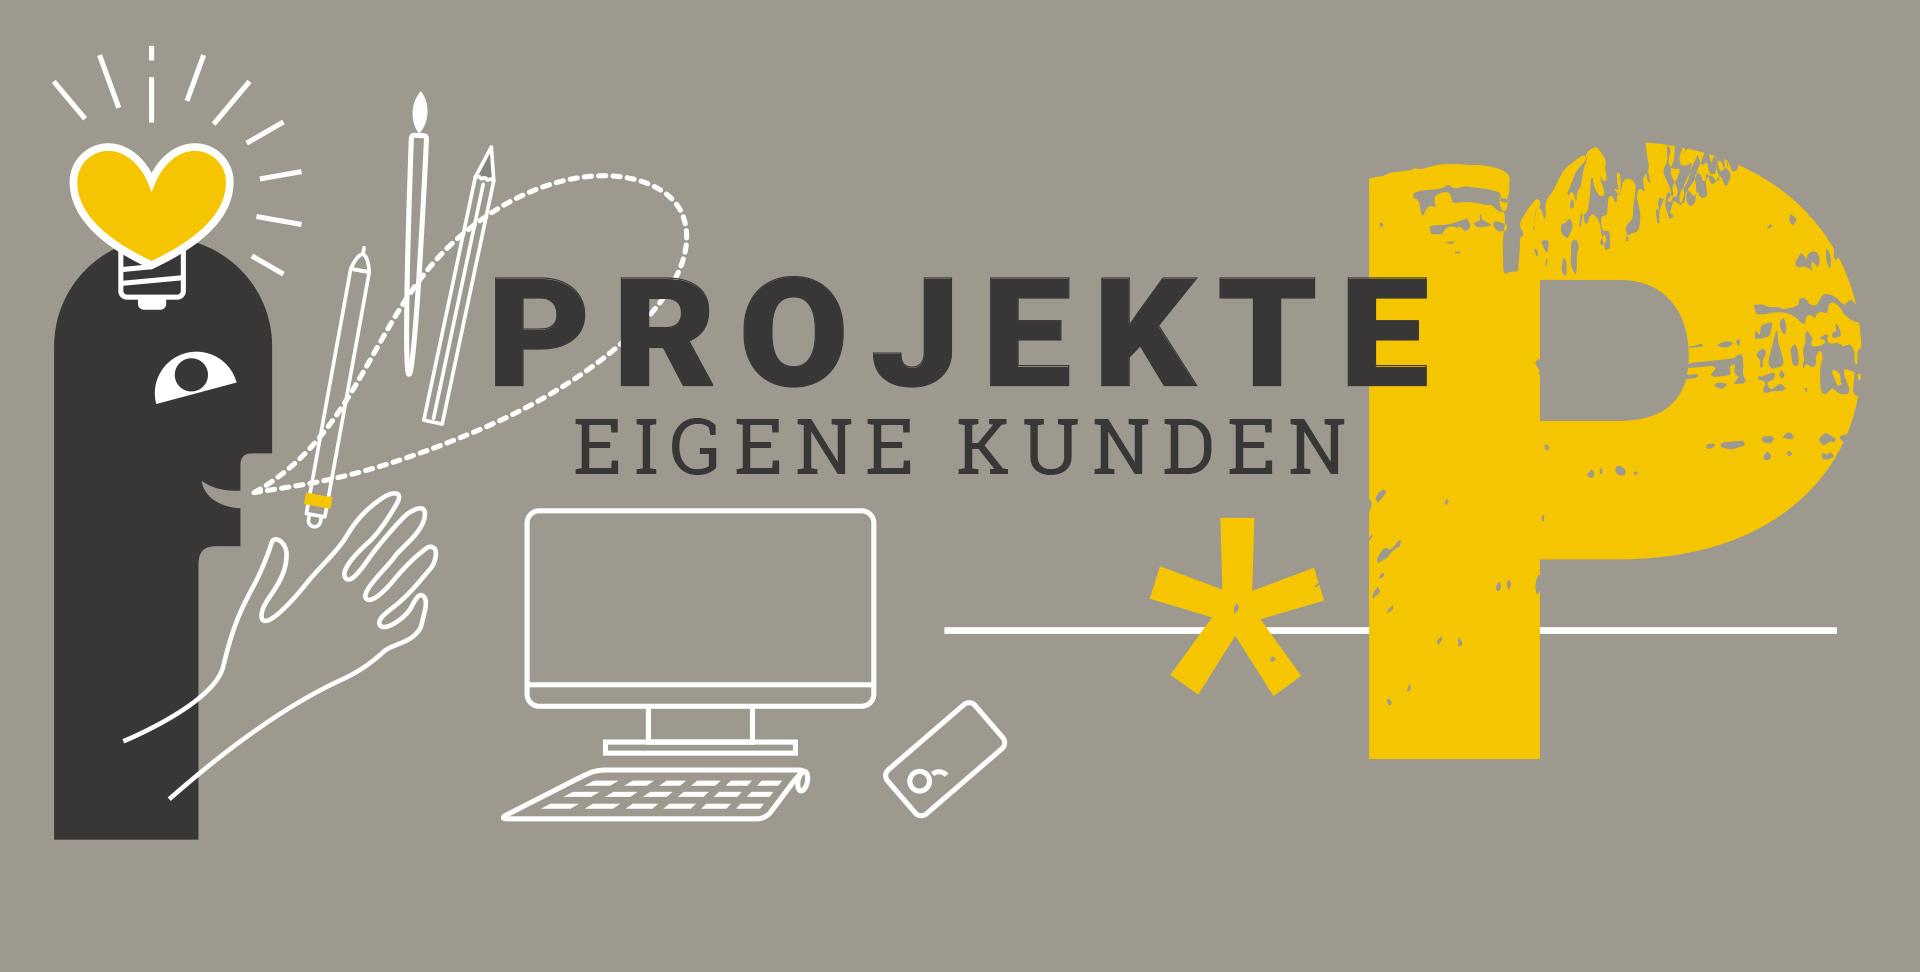 Schriftzug Projekte eigene Kunden, darunter Männchen mit Glühbirne in Herzform und einer Sprechblase mit Stiften und Pinseln, Icon eines Computers und einer Mouse und ein großes gelbes P für Projekte